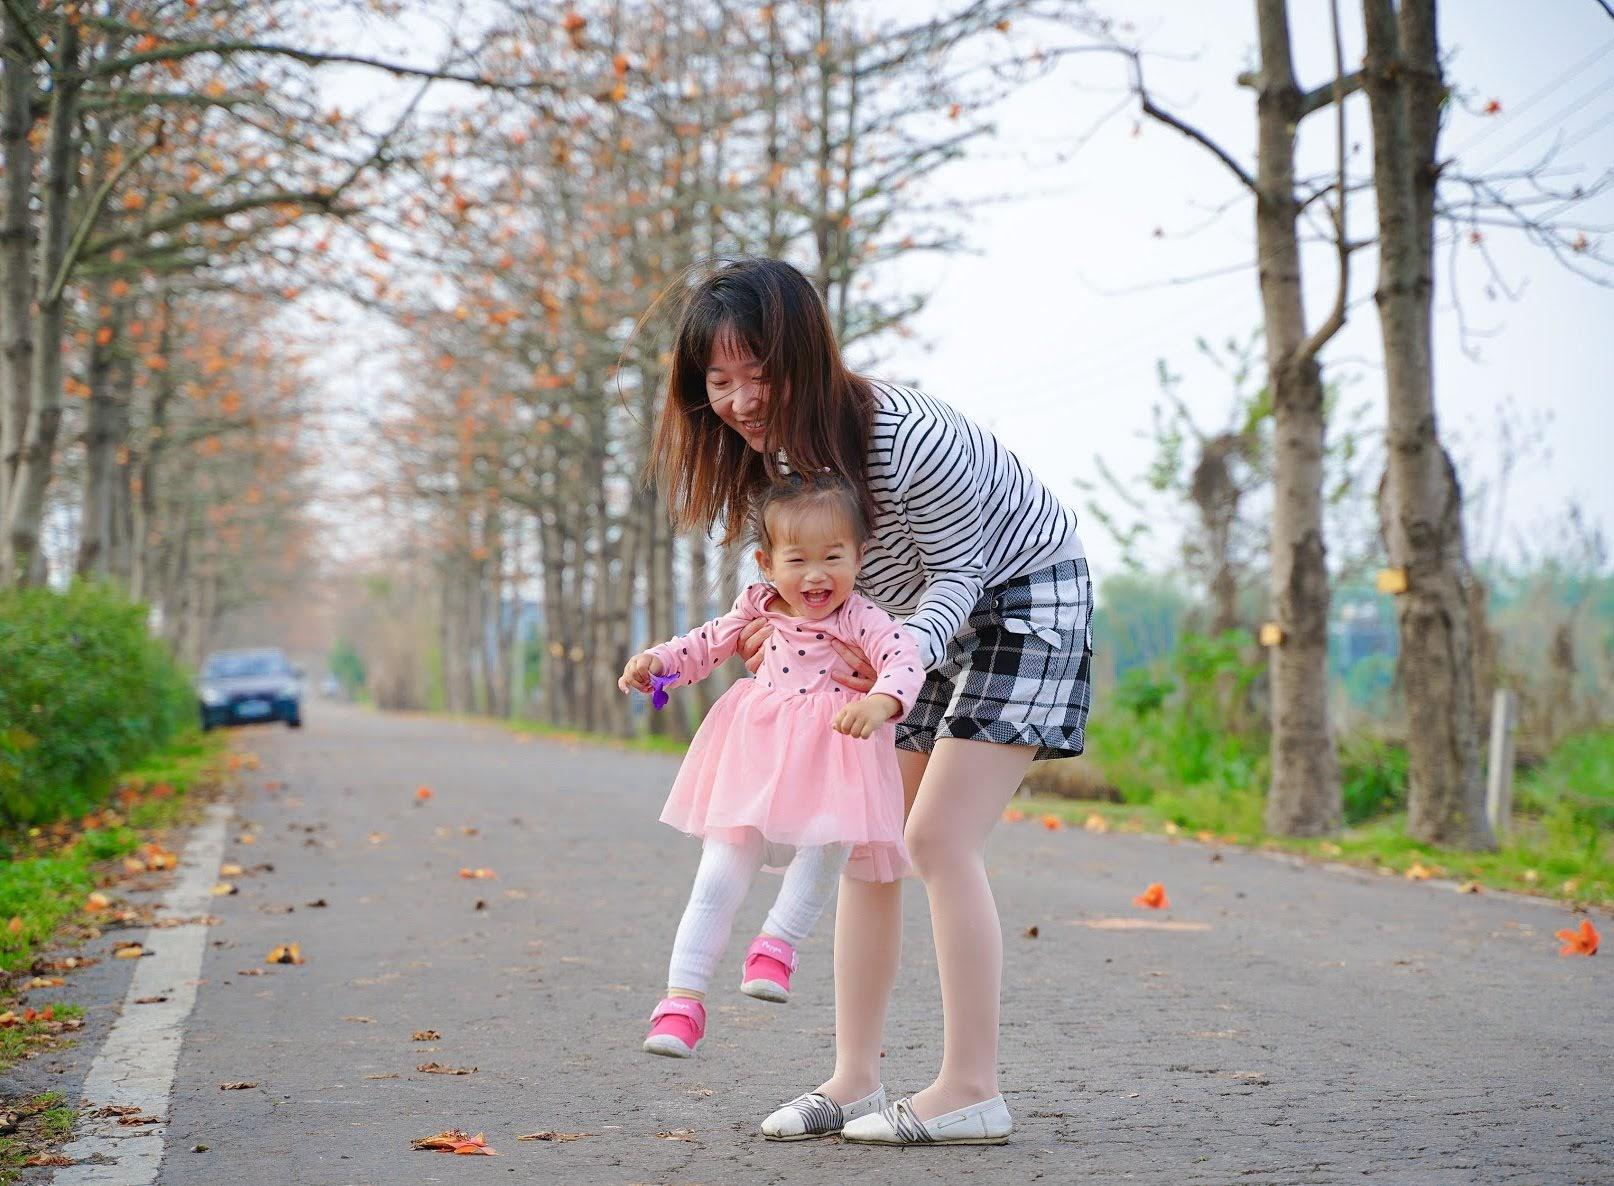 【旅遊】彰化 東螺溪木棉花道 3月盛開中 親子寫真的絕佳地點